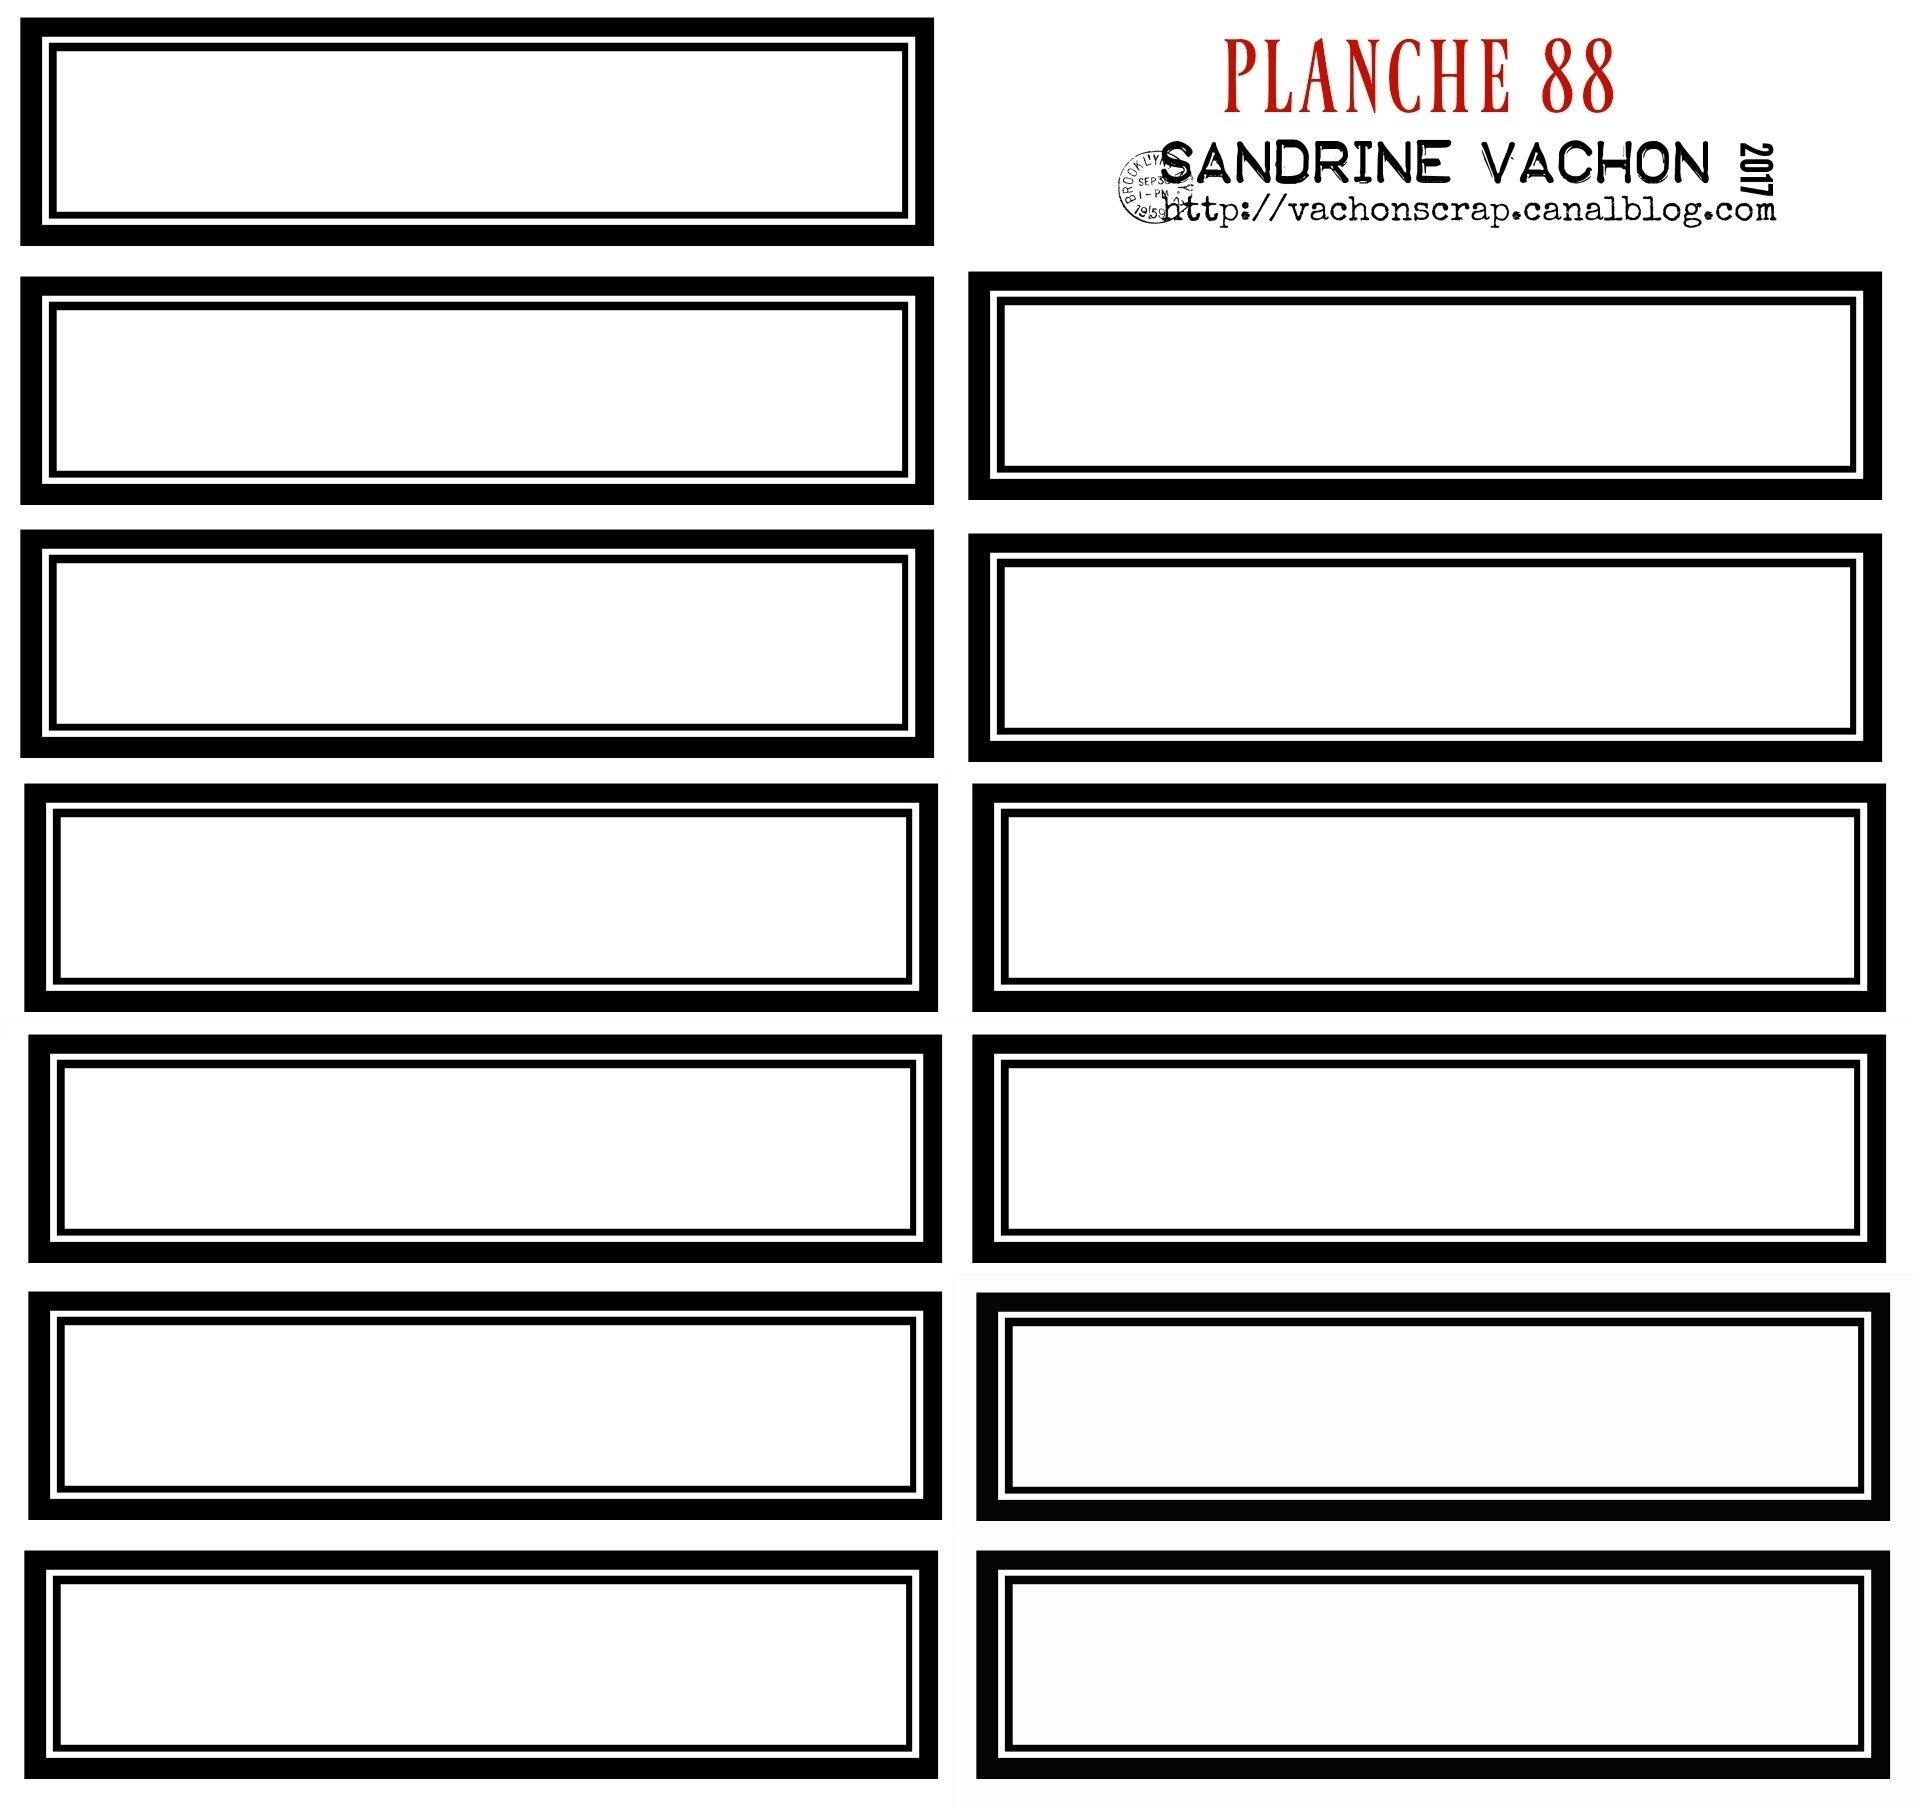 PLANCHE 88 NOIR